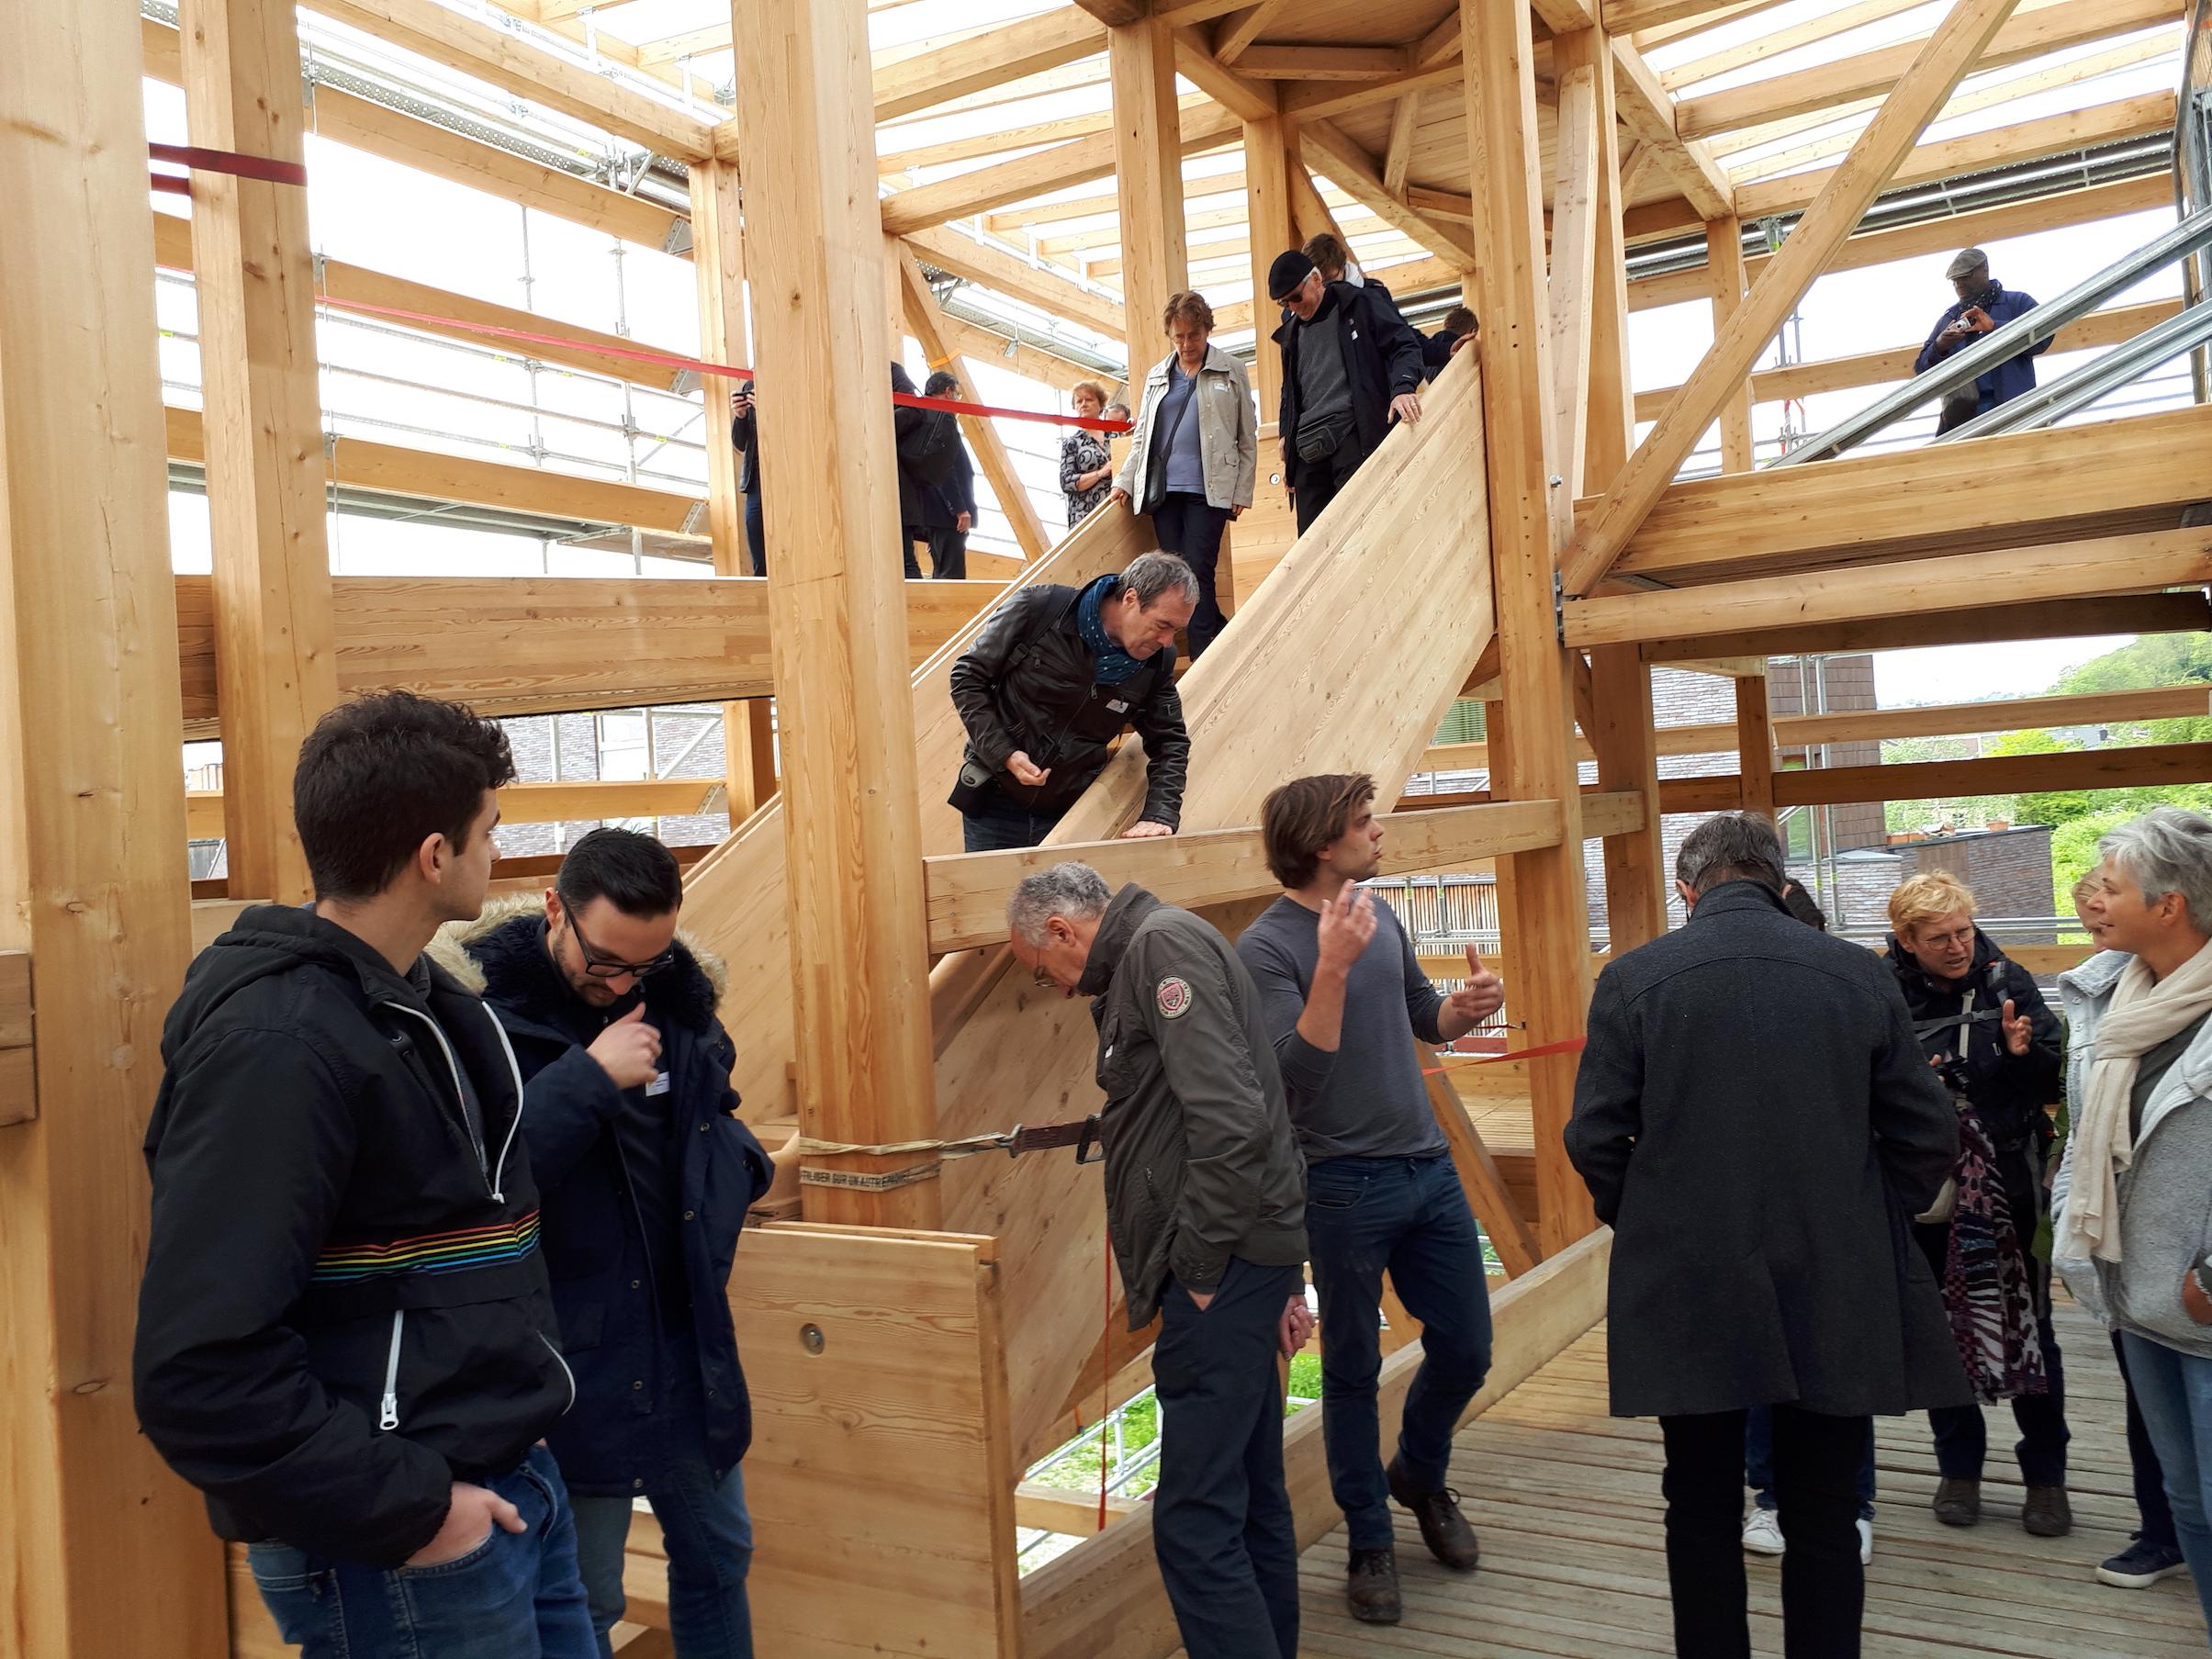 Retour sur la Journée de visites dans la province de Liège du 26 avril 2019